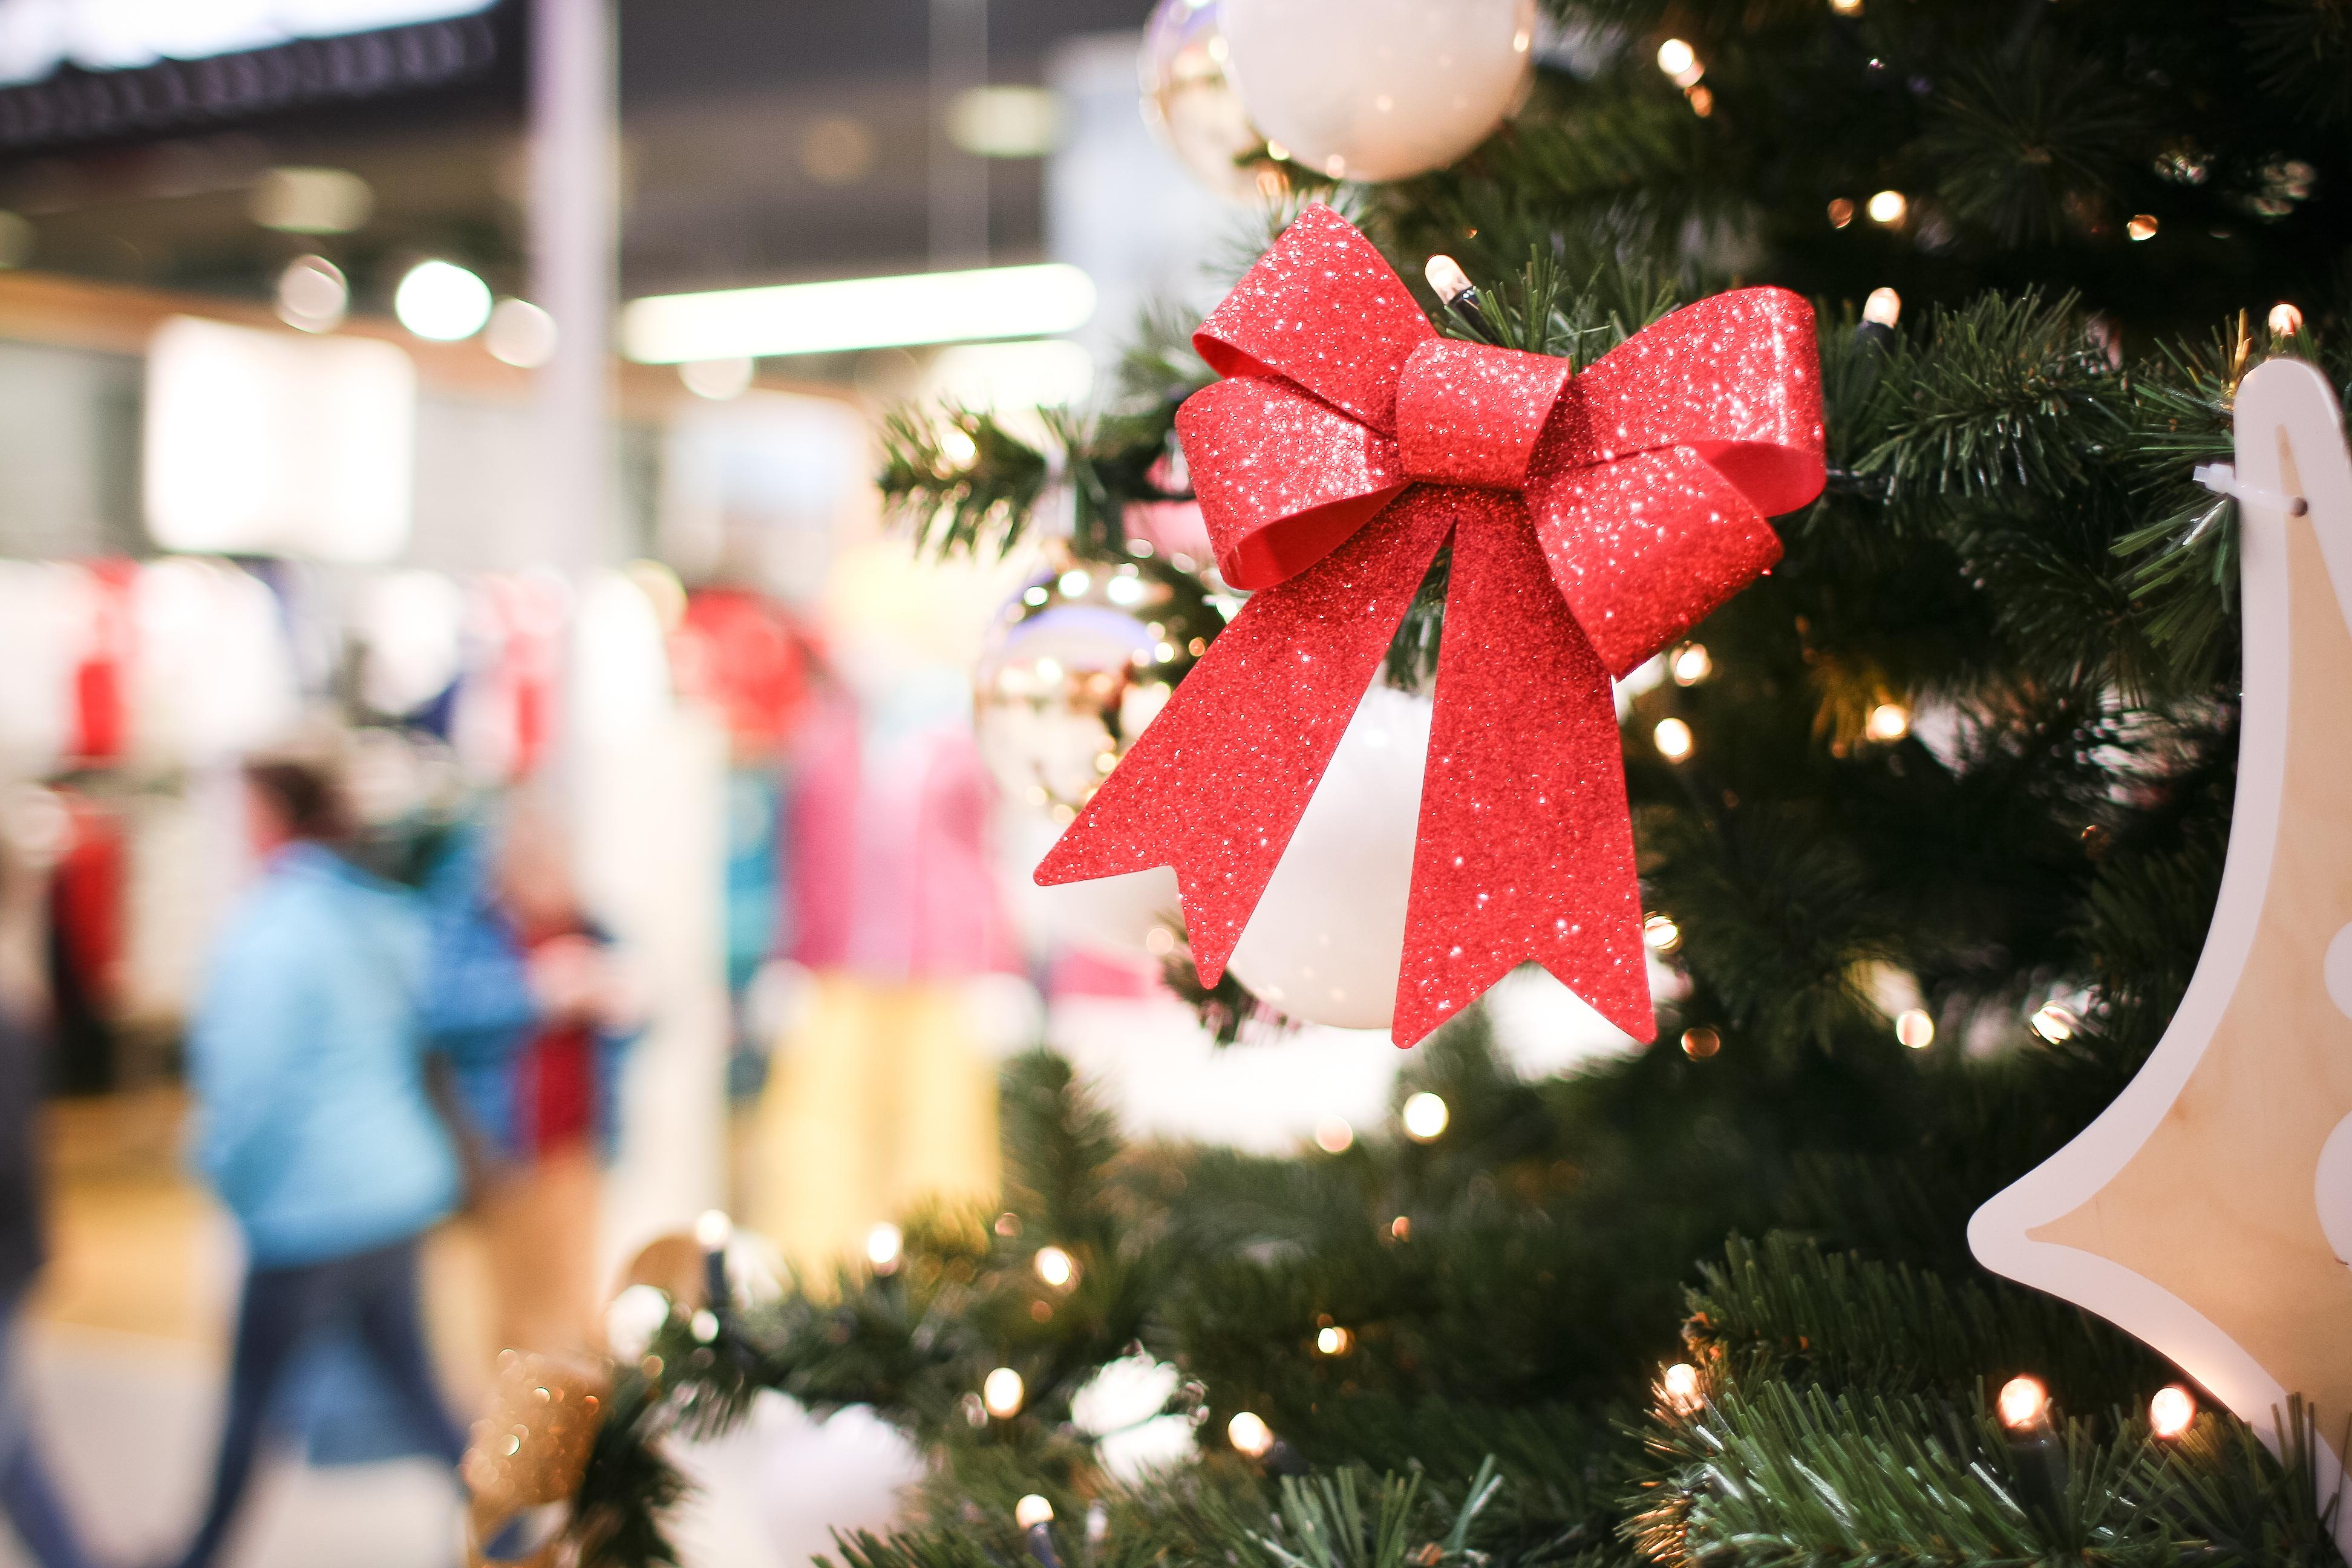 Les sites e-commerce en pleine préparation pour les fêtes de Noël